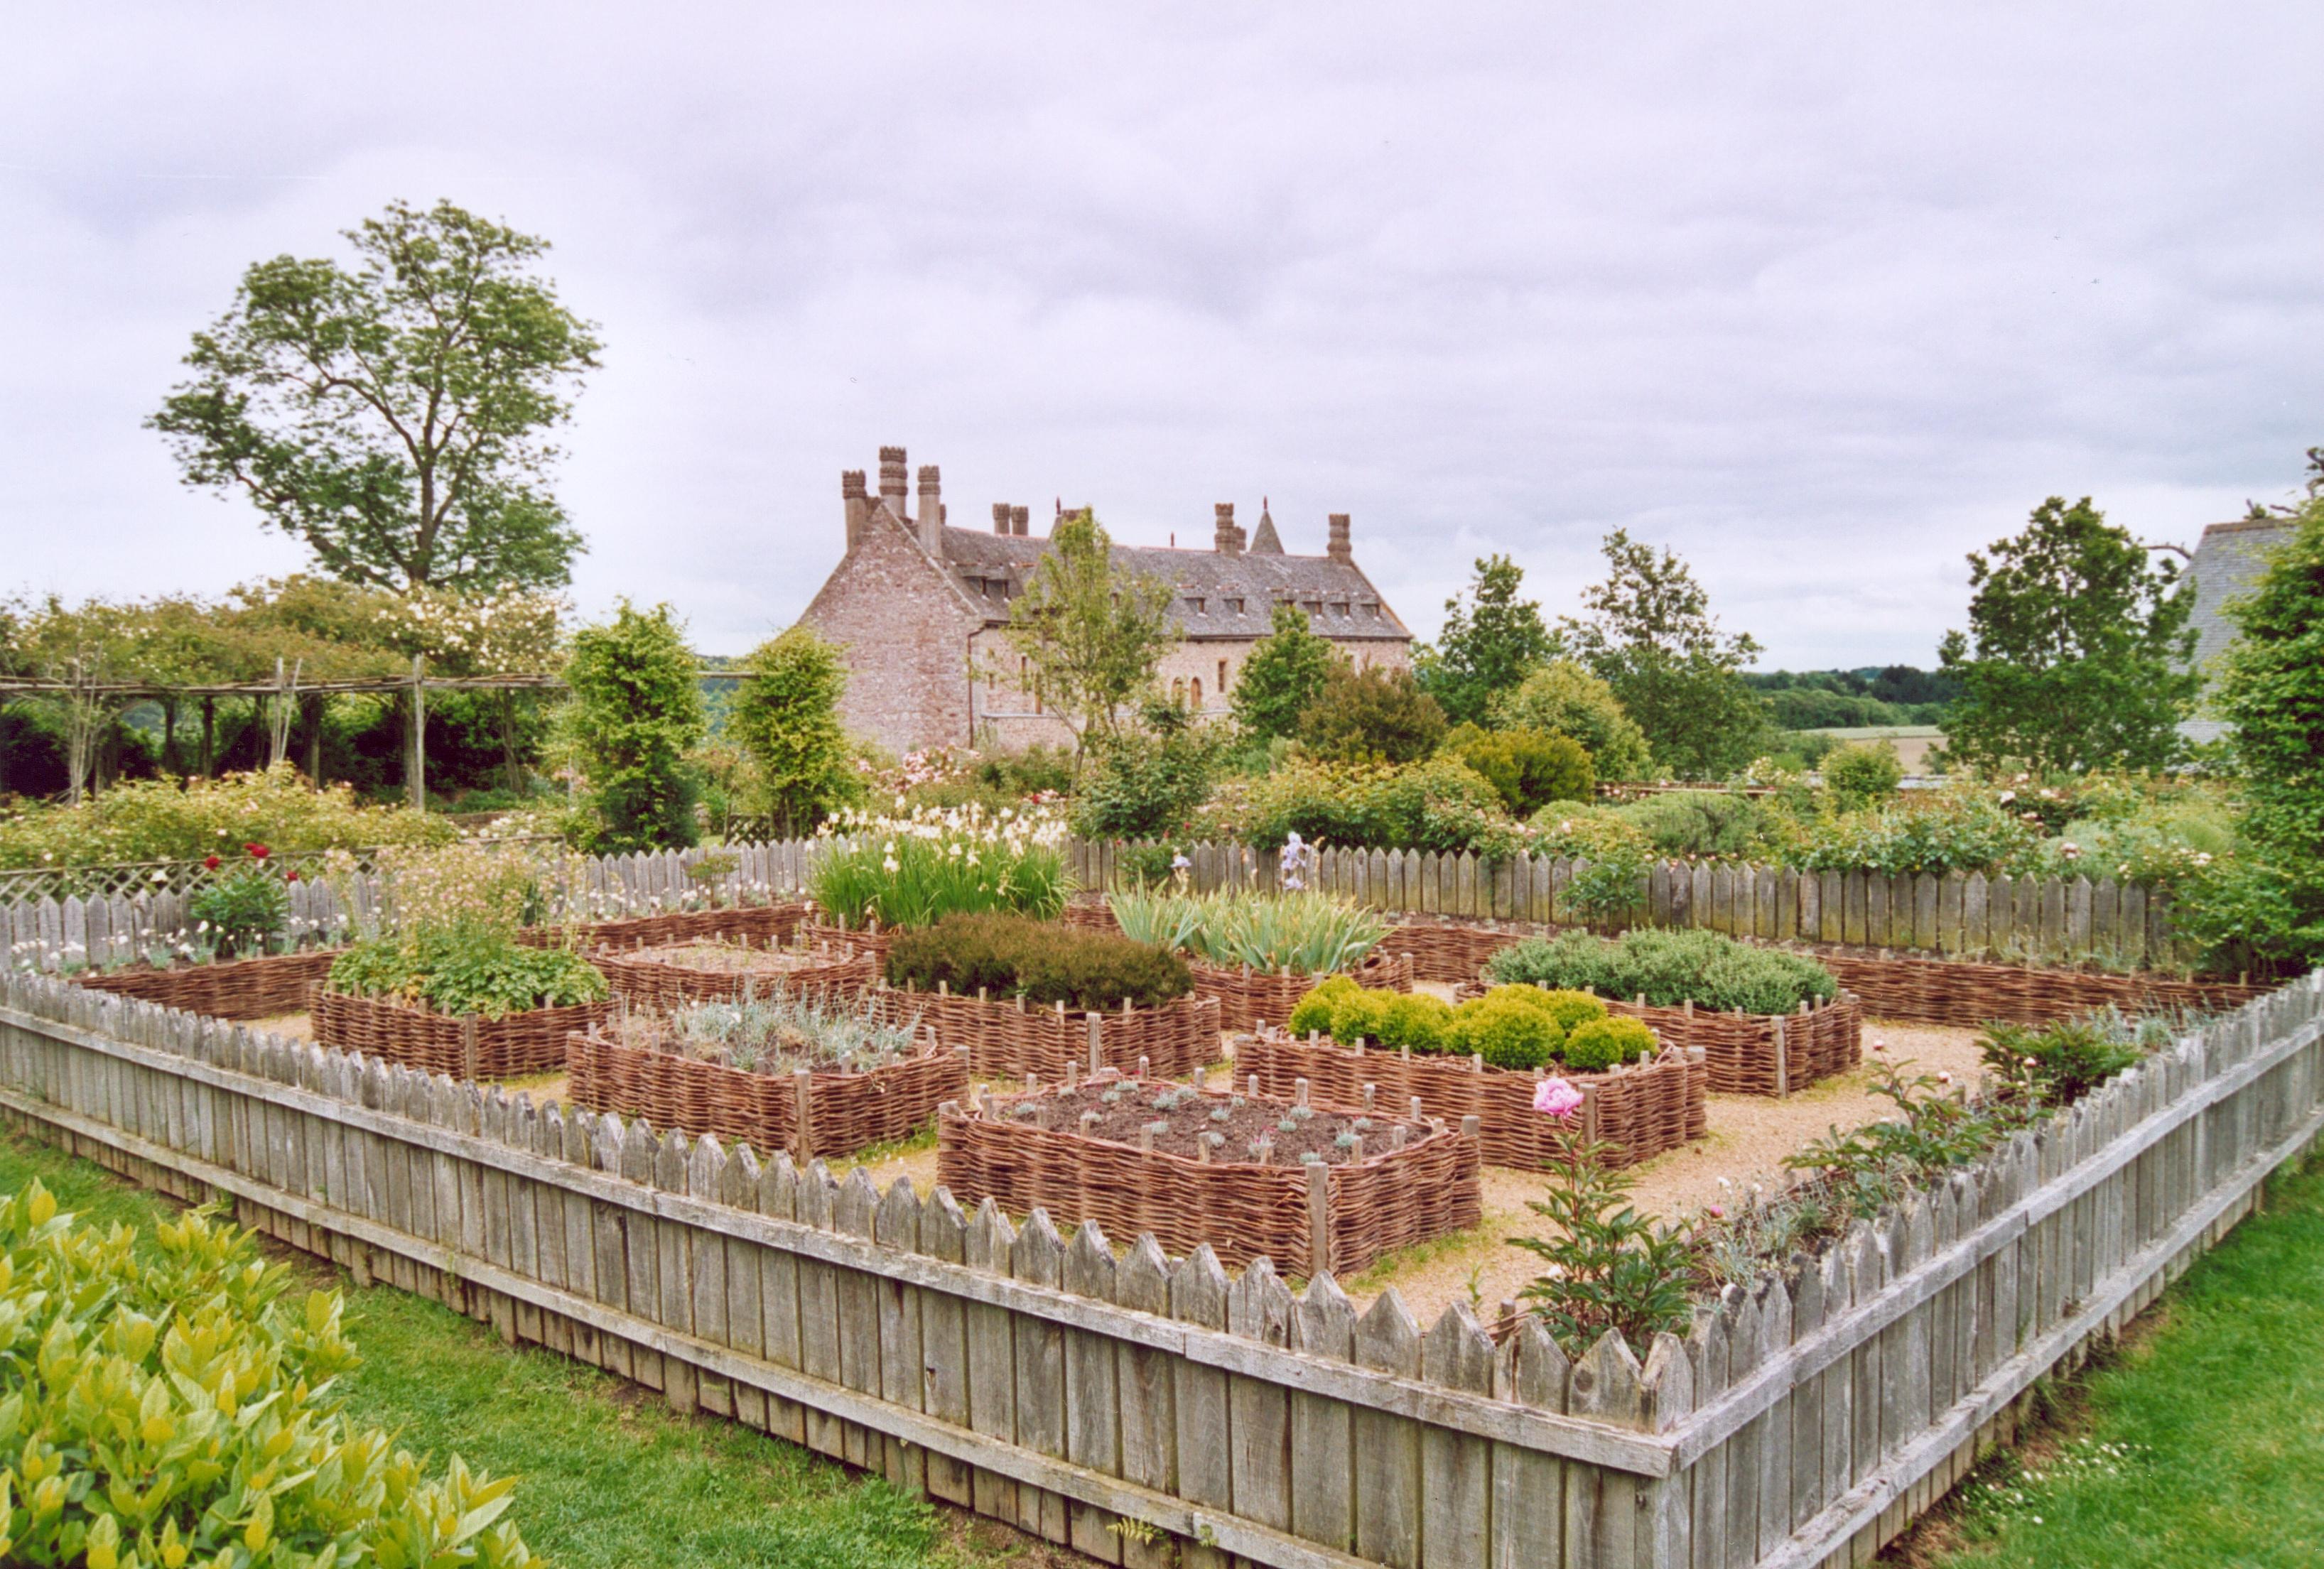 Garden Design Garden Design with French Gardens Posters by